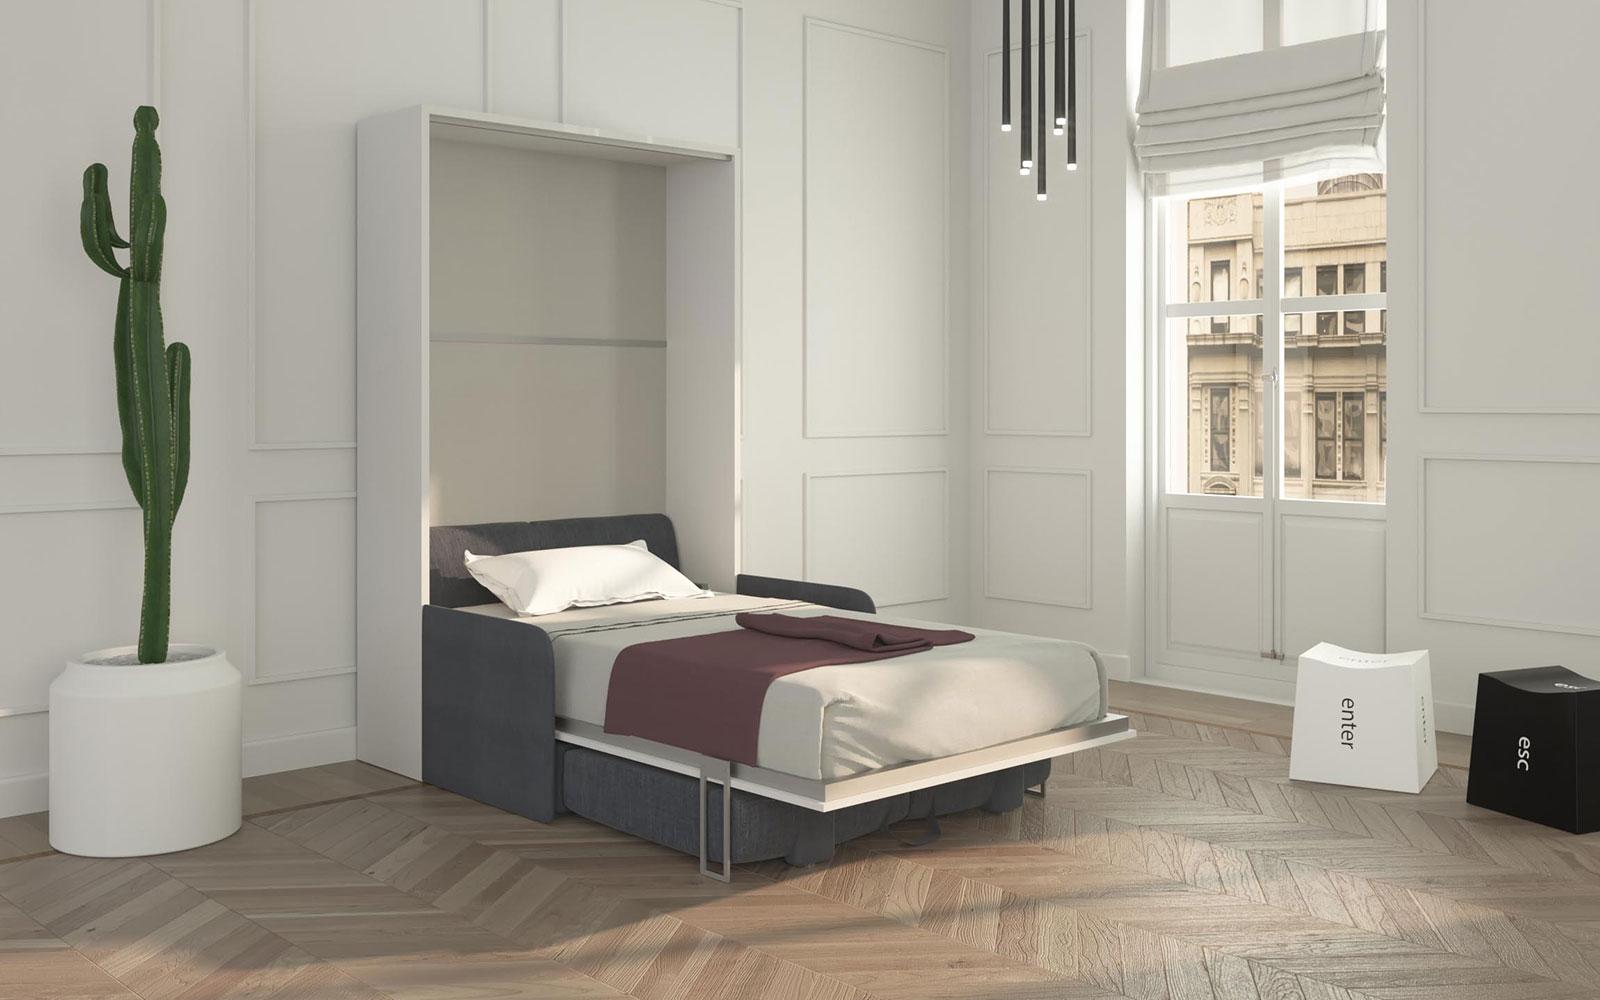 Letti Per Ospiti Salvaspazio piuma sofa 120 slim - letto 1 piazza e 1/2 a scomparsa con divanetto  contenitore